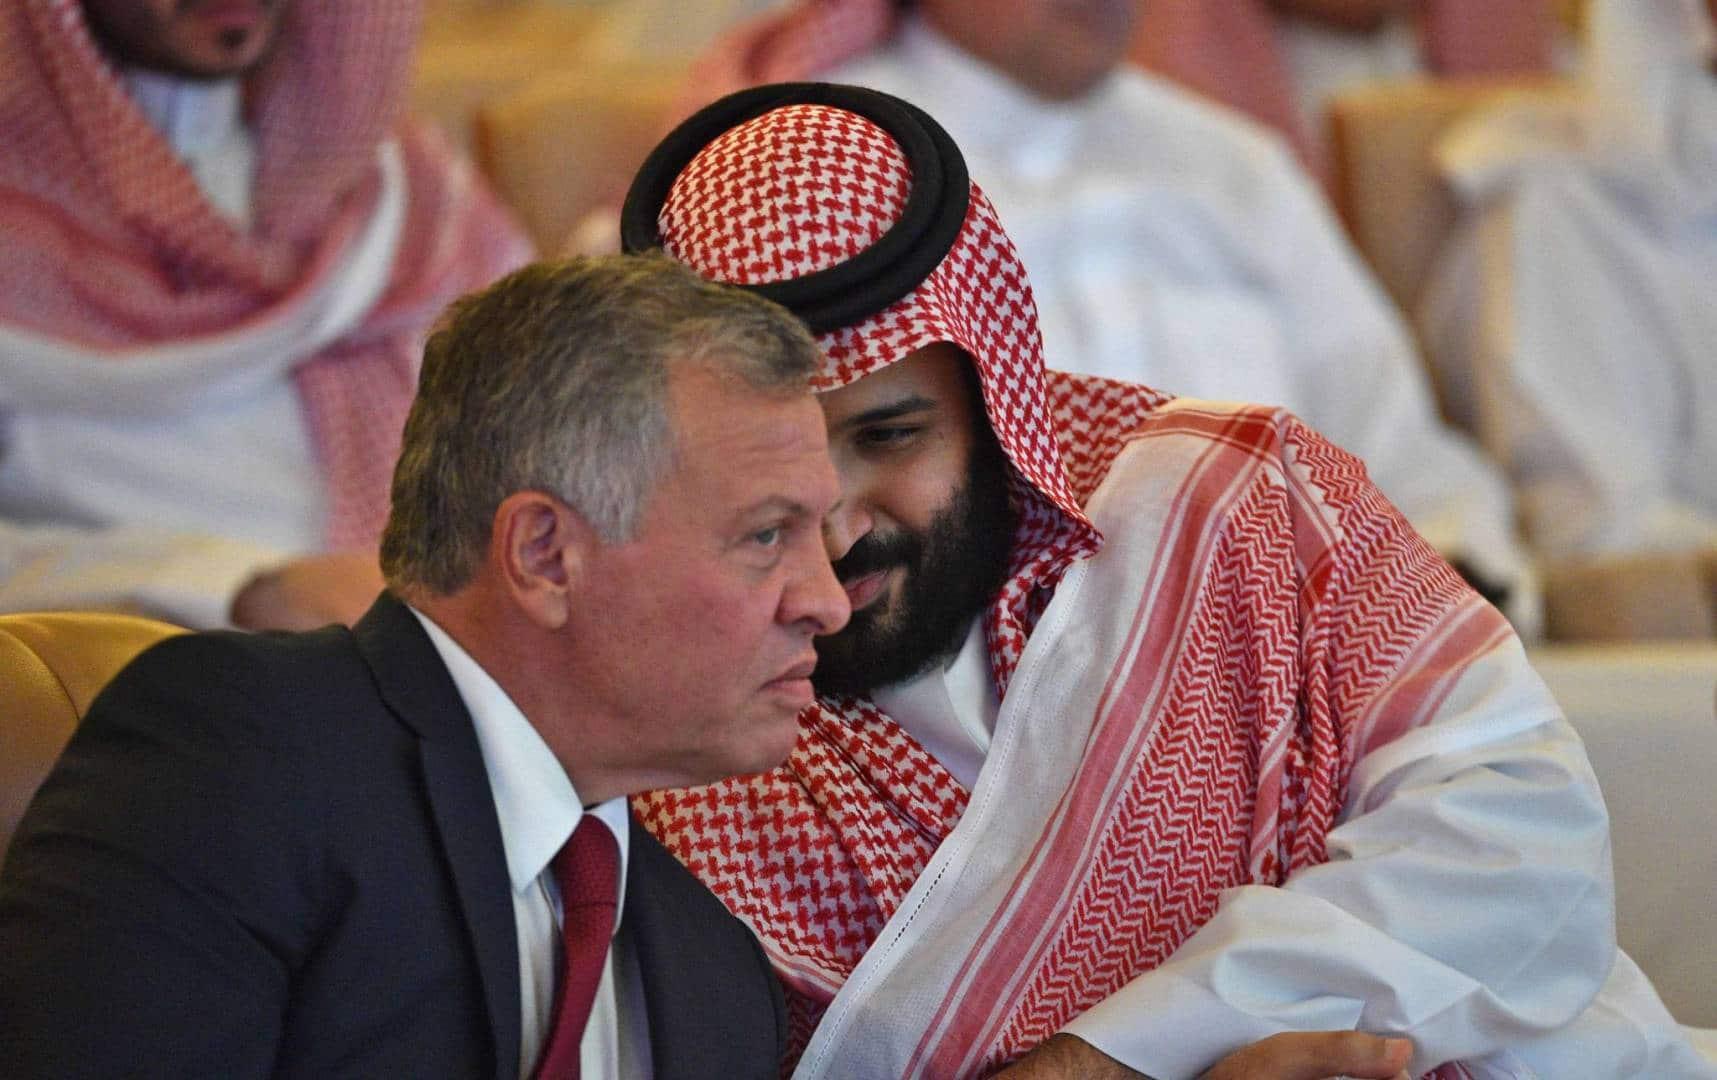 """حرب تسريبات أردنية تكشف الوجه الاخر للانقلاب الفاشل فمن هو """"دحلان السعودي""""؟!"""